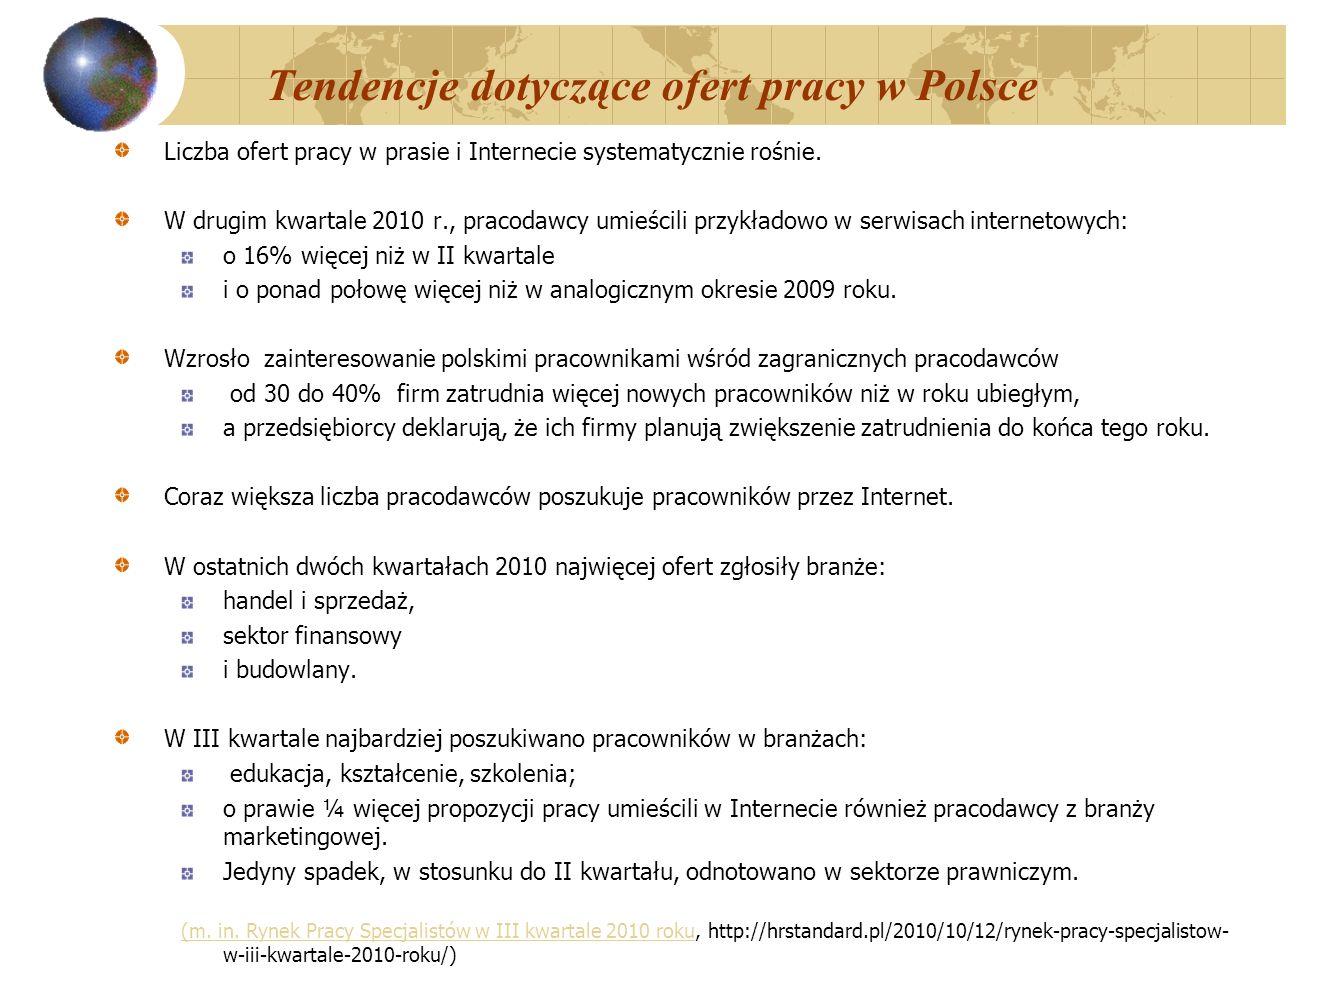 Tendencje dotyczące ofert pracy w Polsce